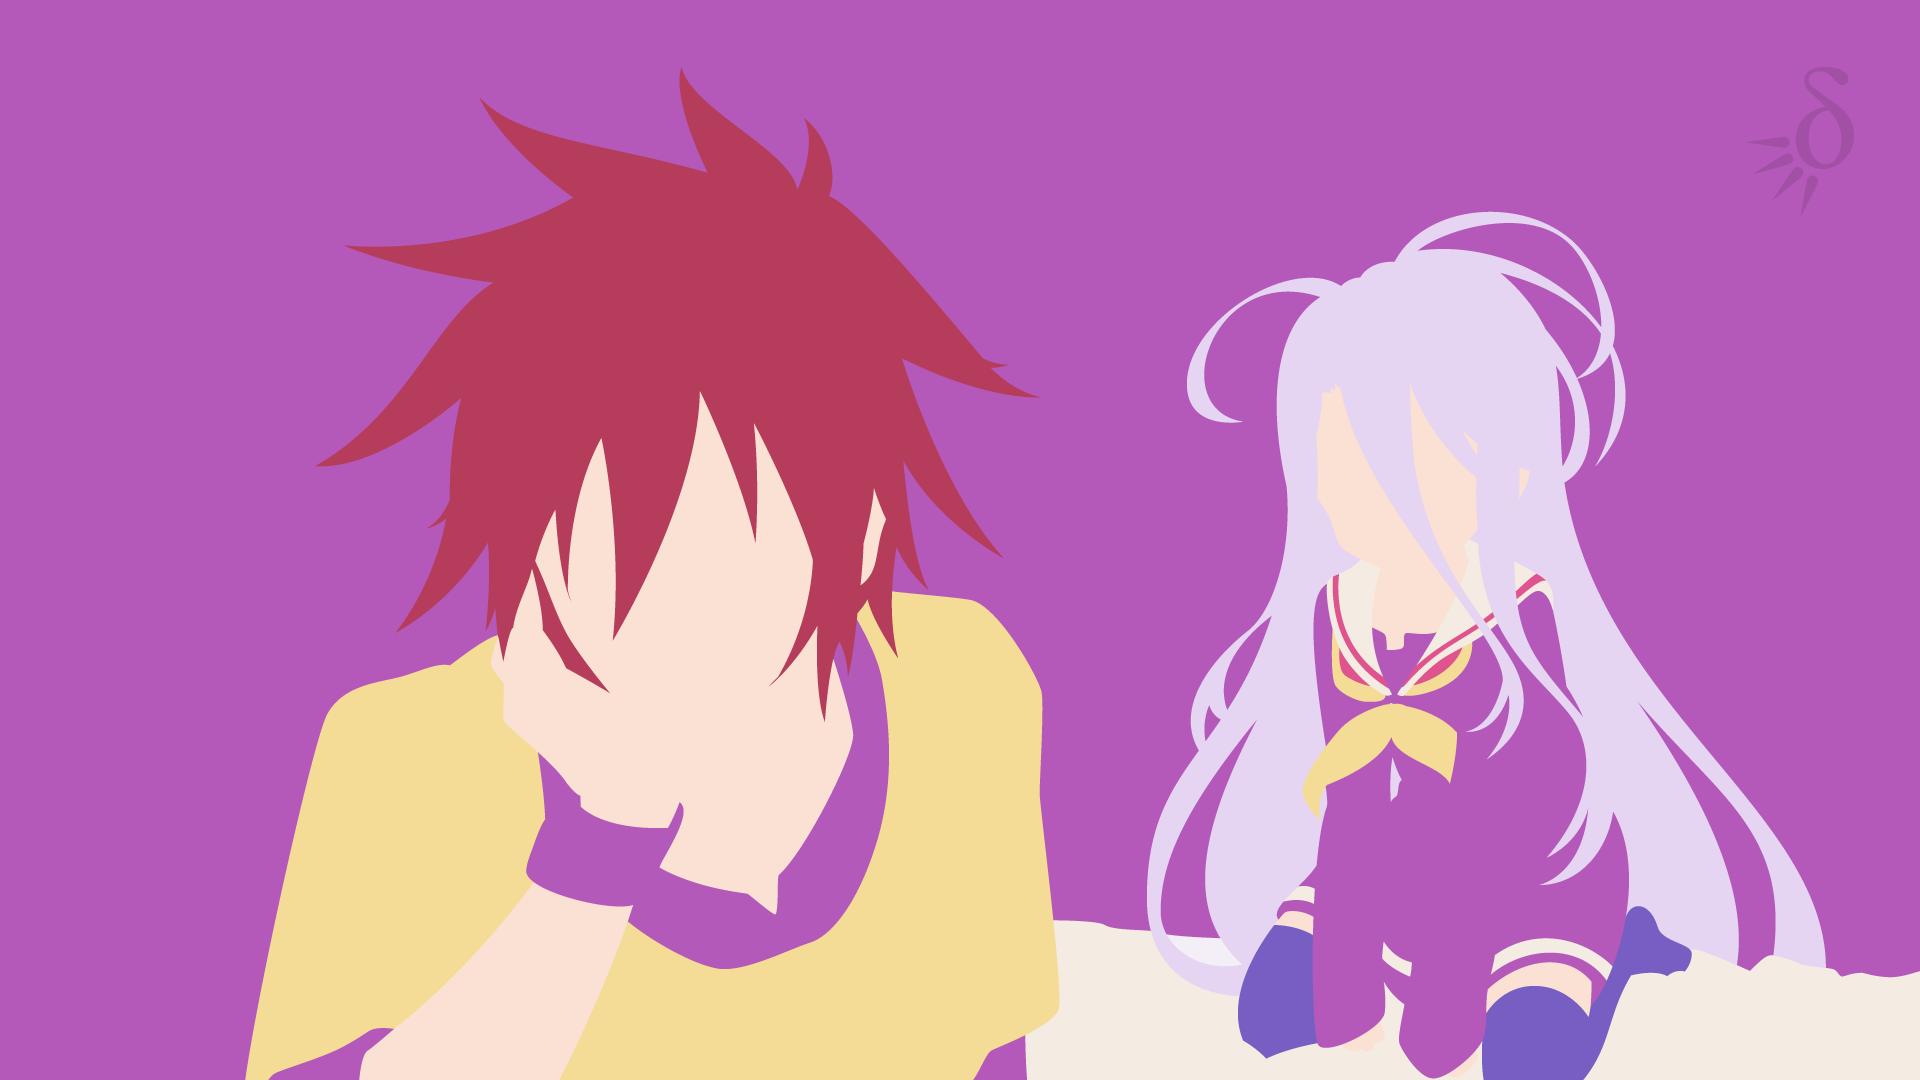 Sora & Shiro No Game No Life No game no life, Anime